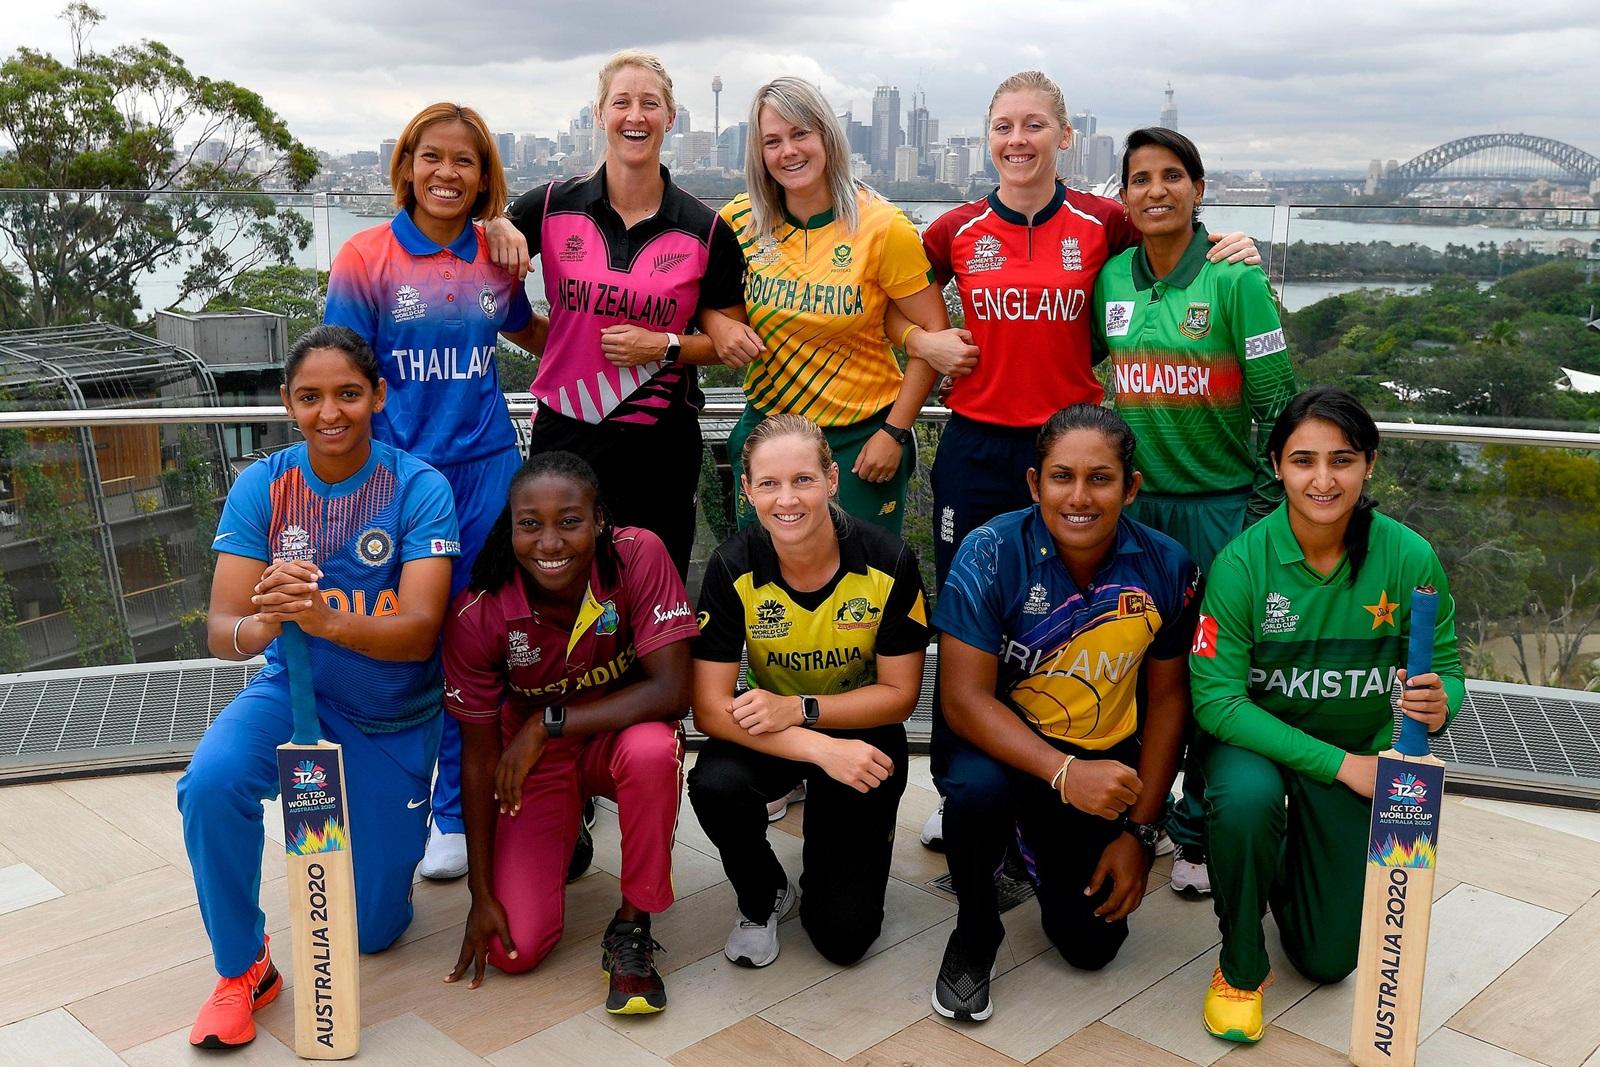 महिला टी-20 विश्व कप 2020: 16 मैचों के बाद सेमीफाइनल की 3 टीमें पक्की, ऐसी है पॉइंट्स टेबल की स्थिति 12